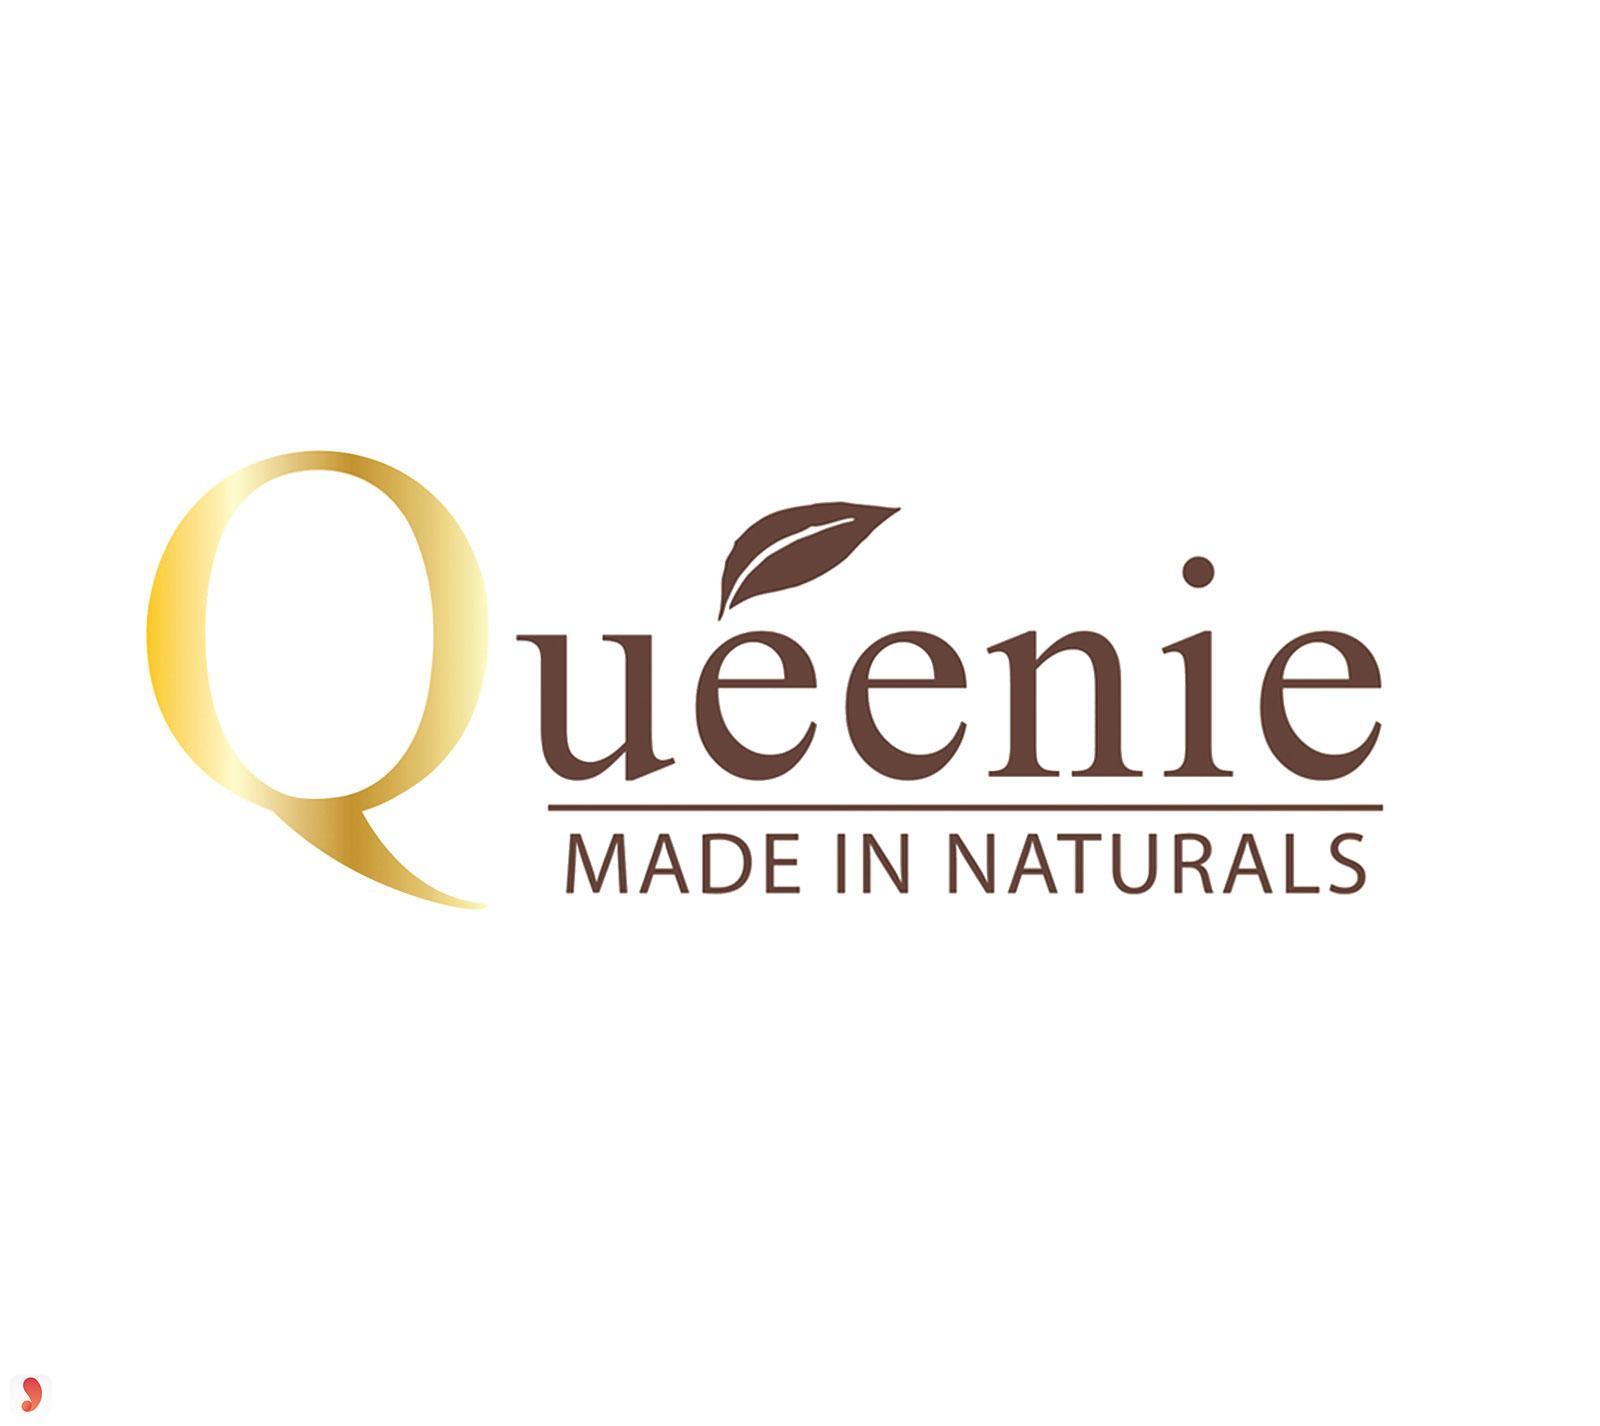 Thương hiệu Queenie